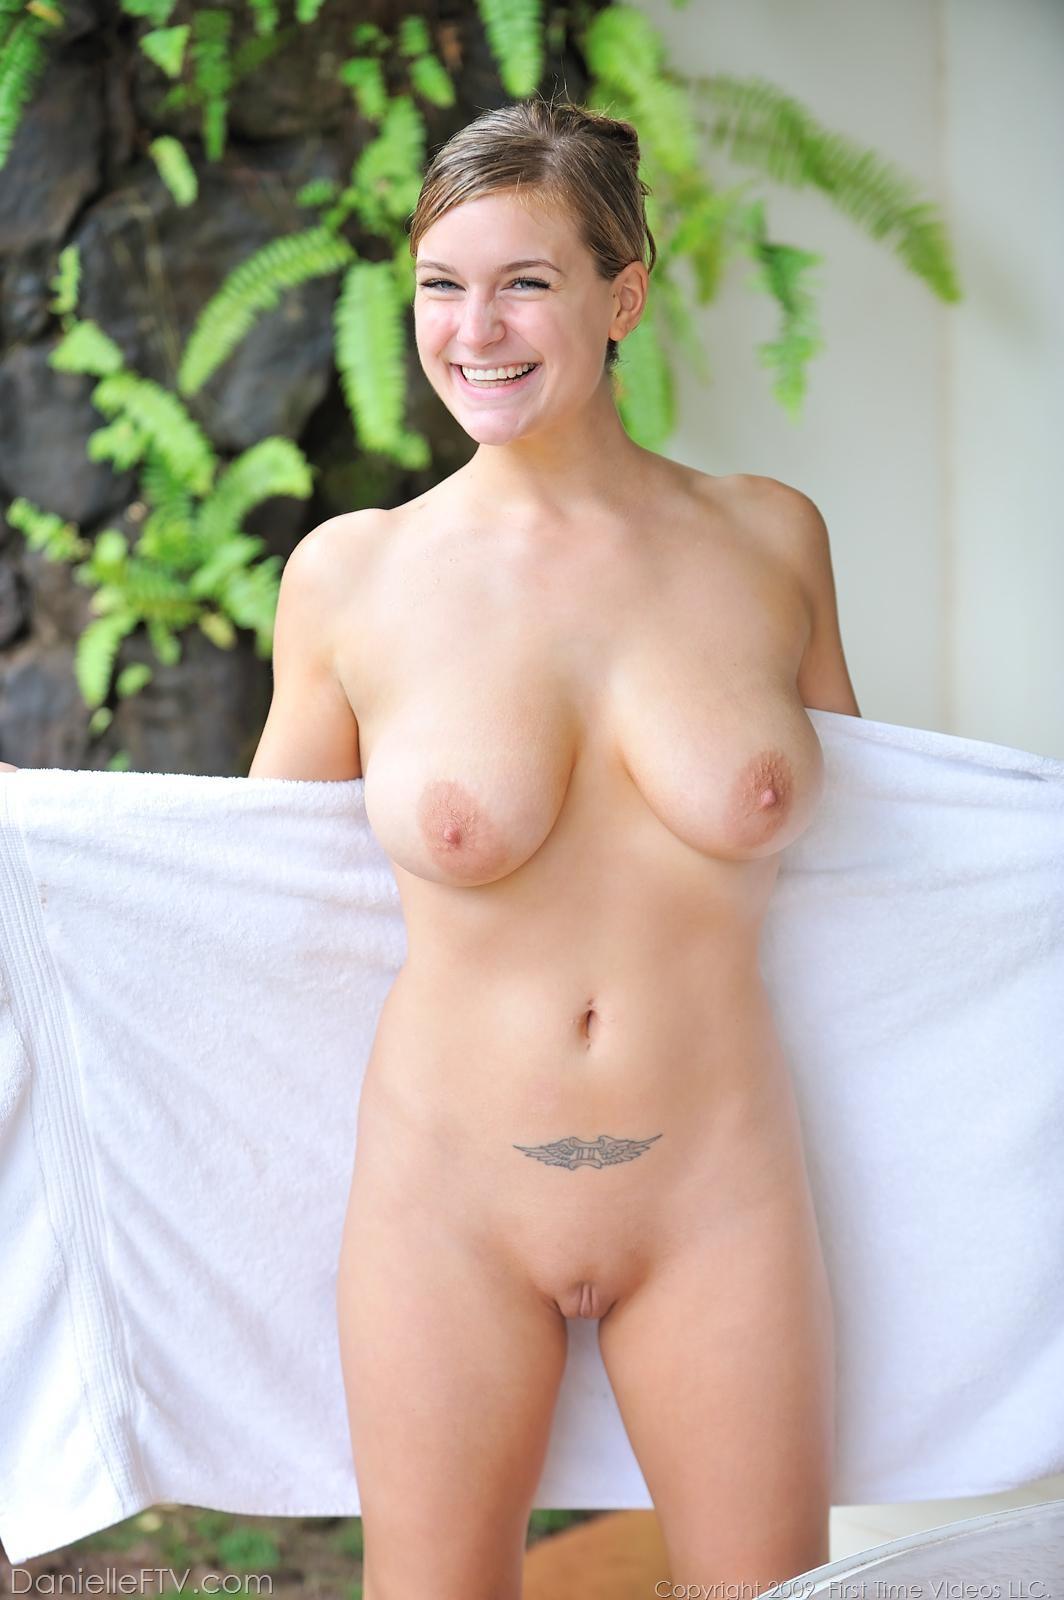 Danielle Ftv Naked